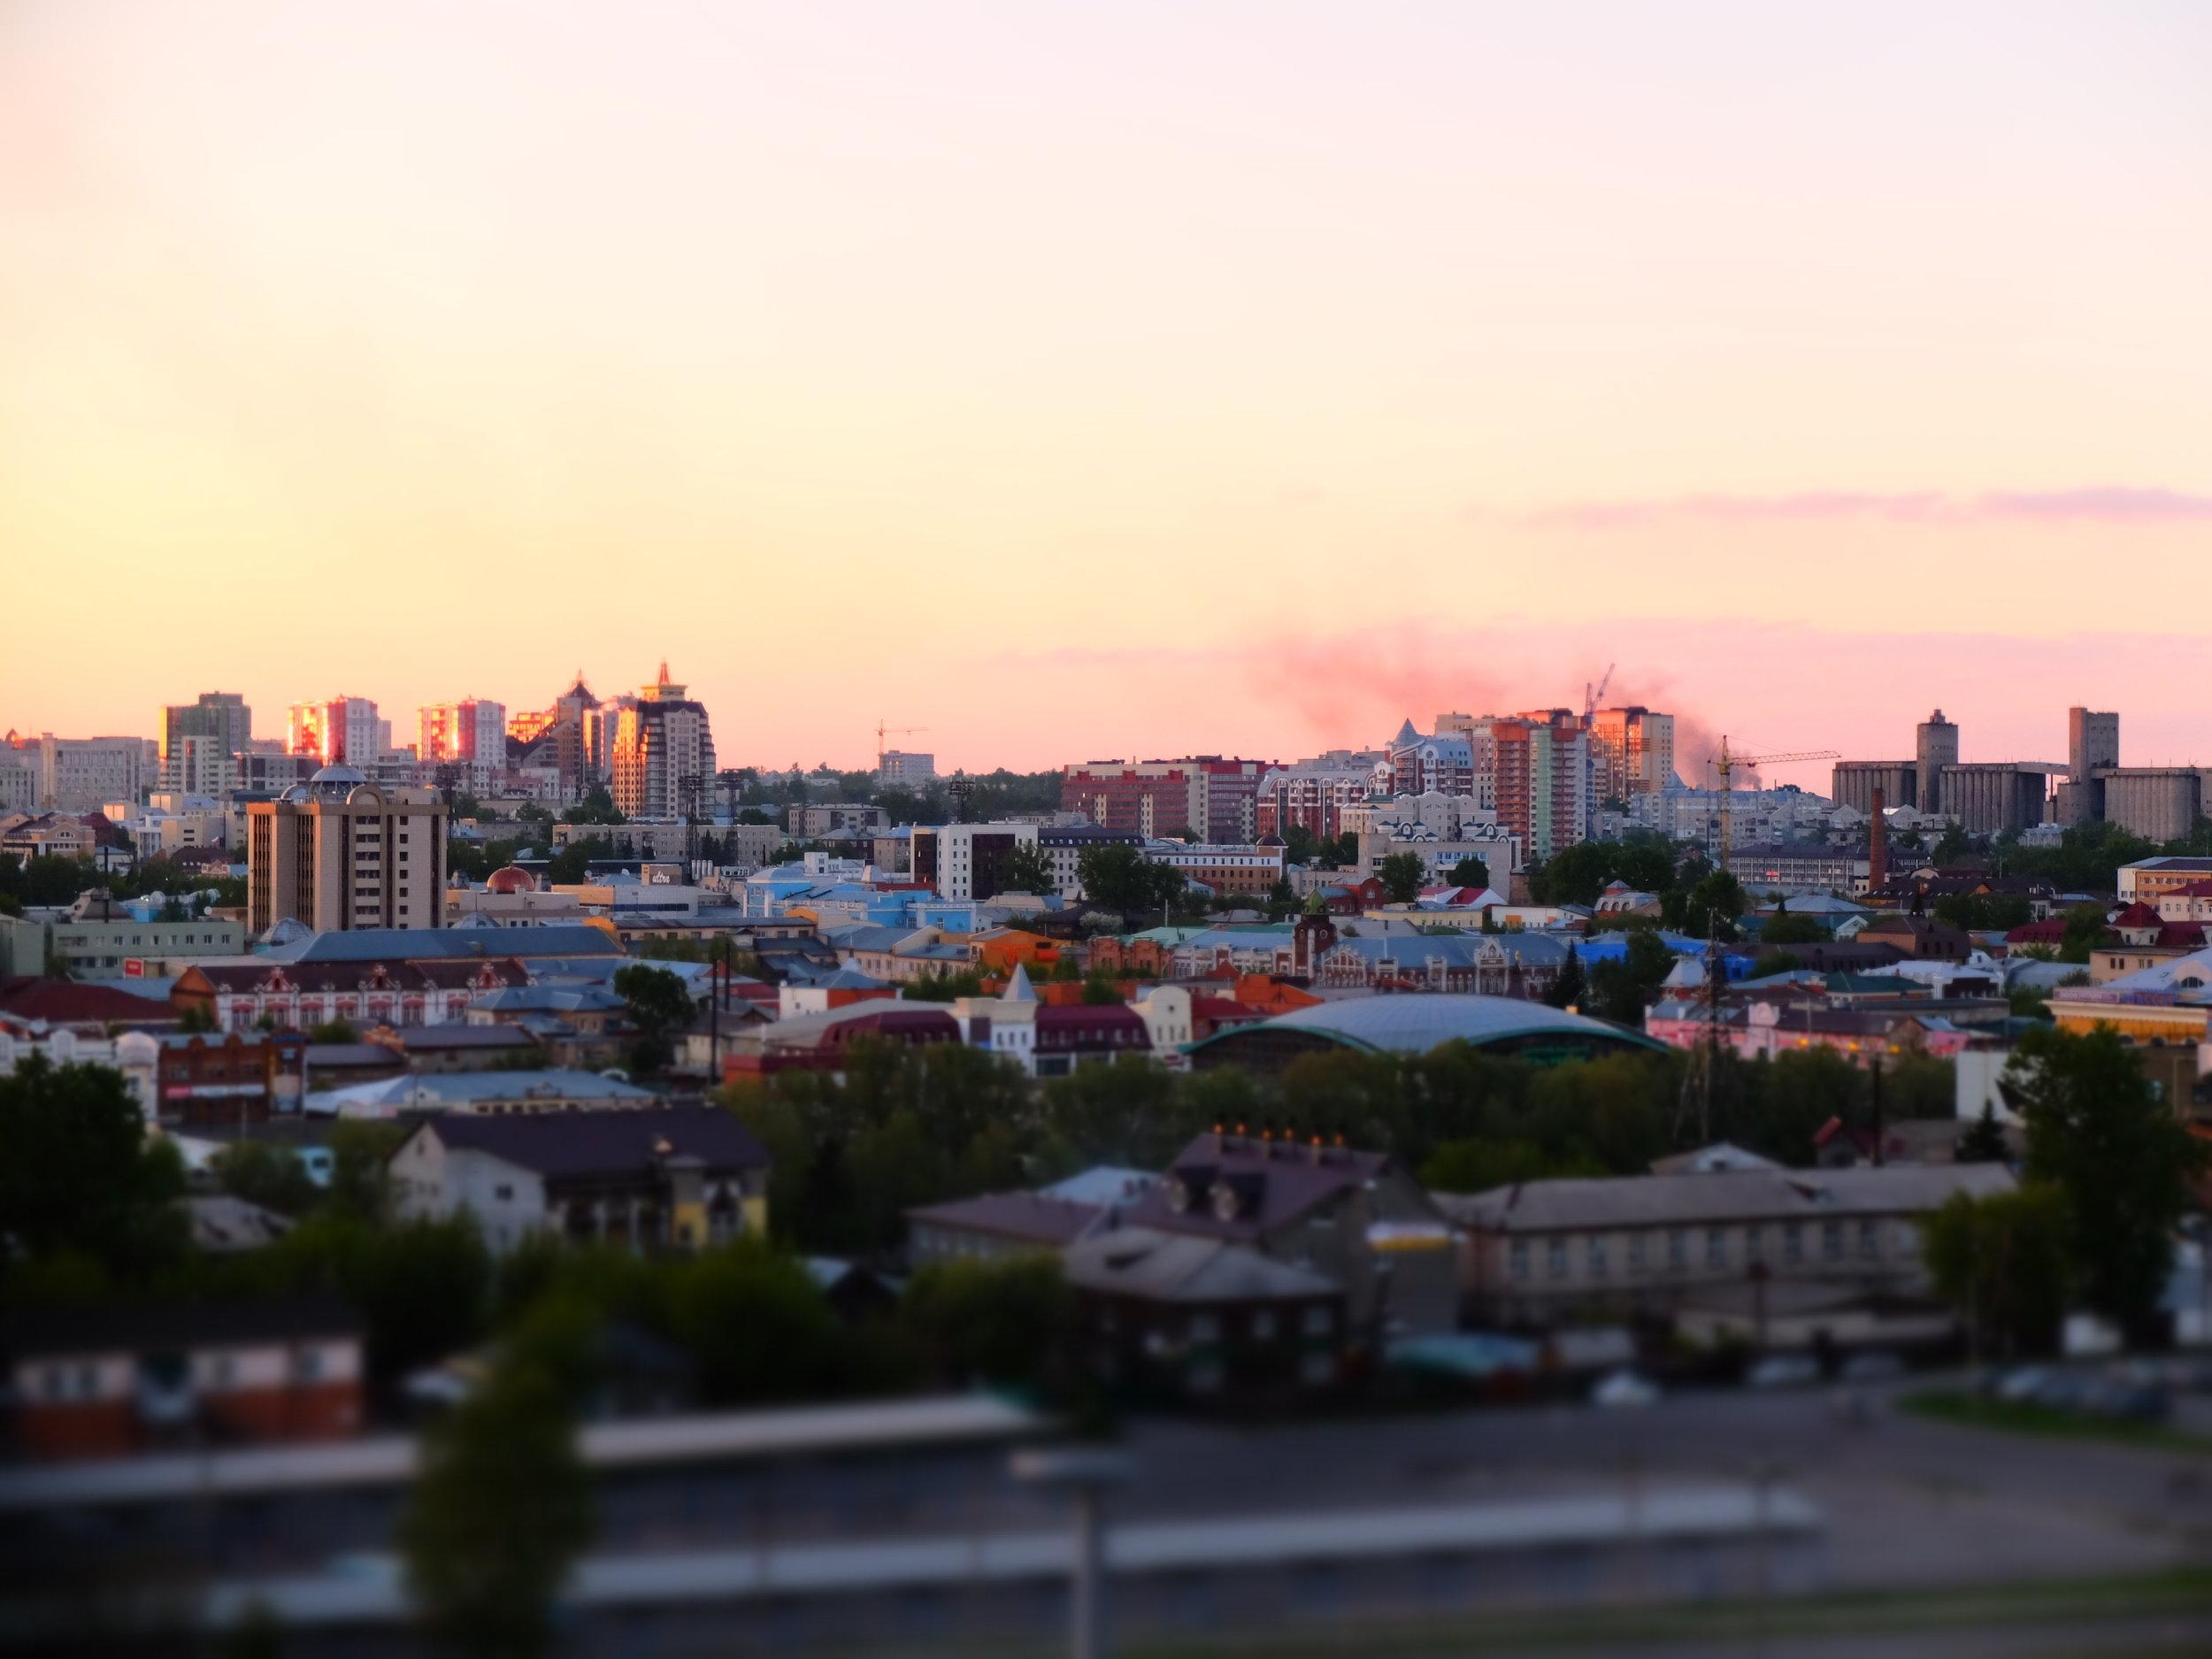 The Barnaul skyline at twilight.